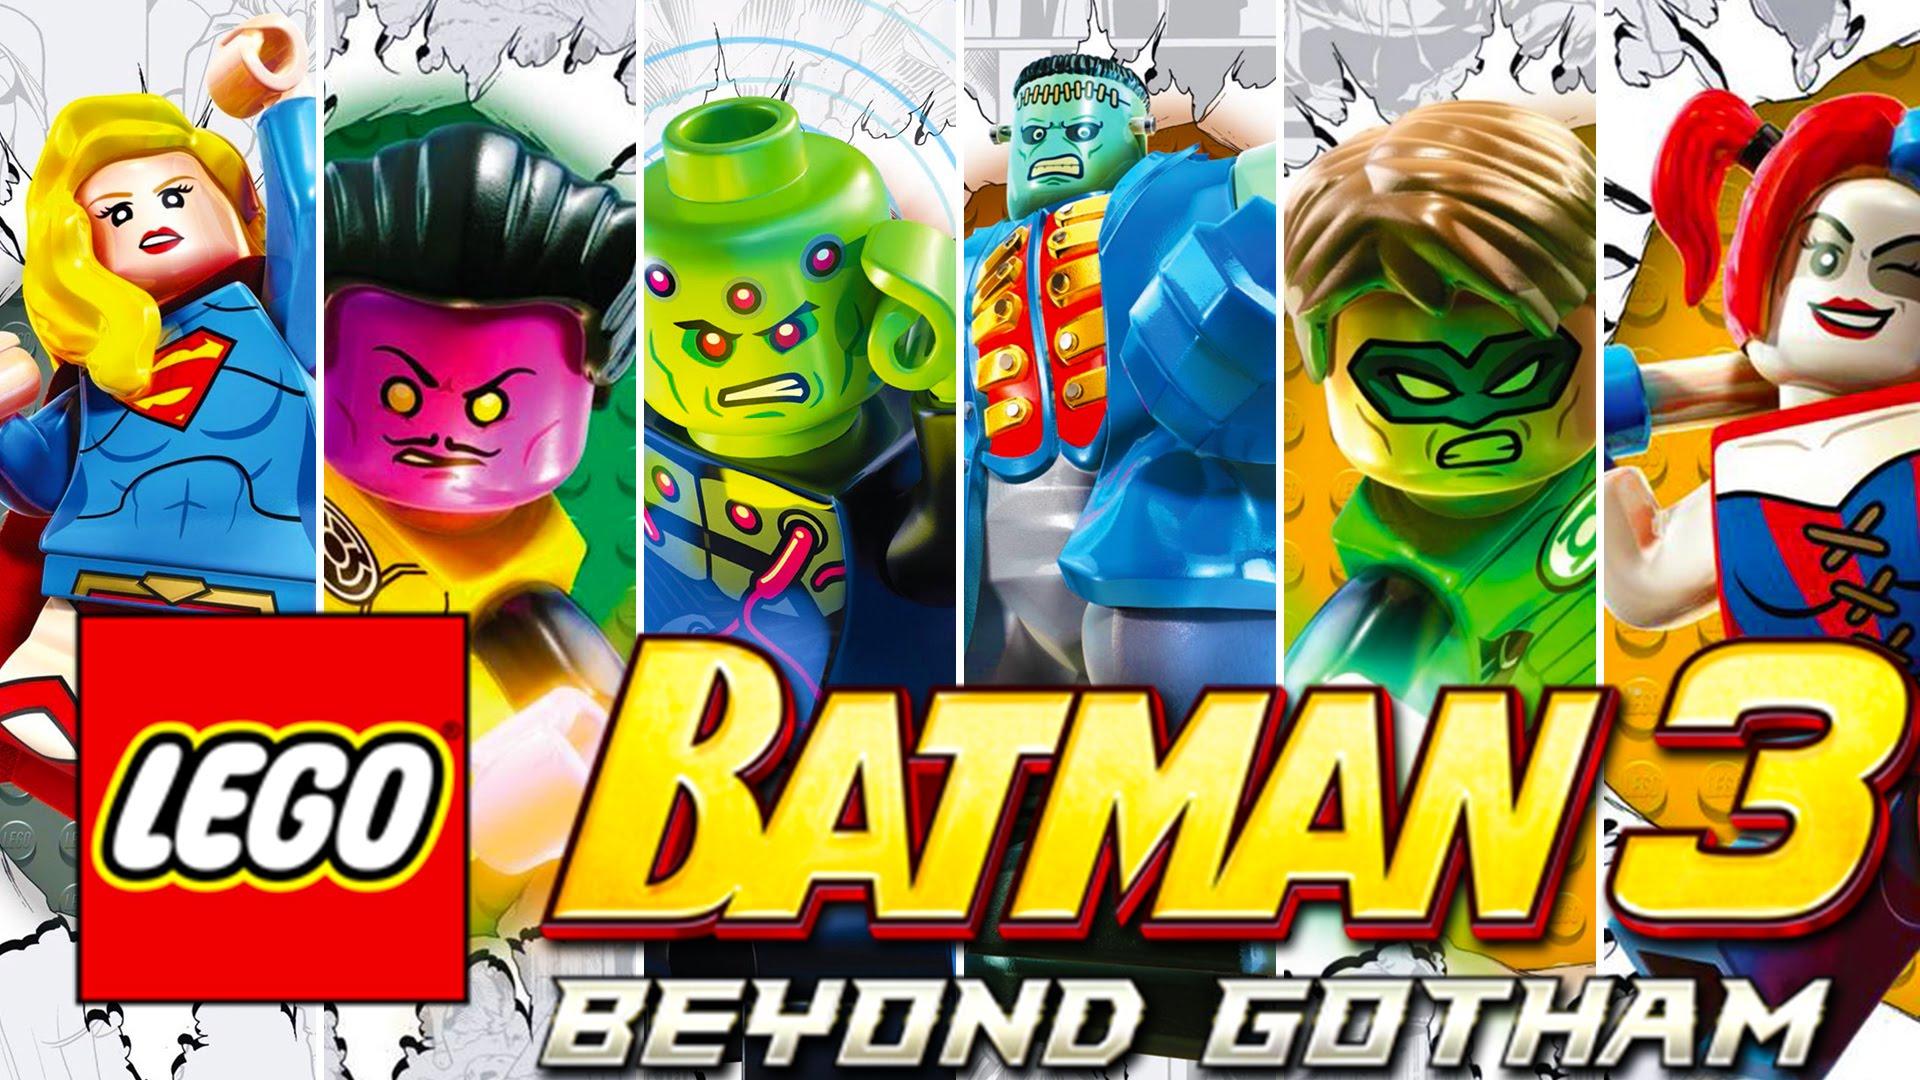 TGDB - Browse - Game - LEGO Batman 3: Beyond Gotham